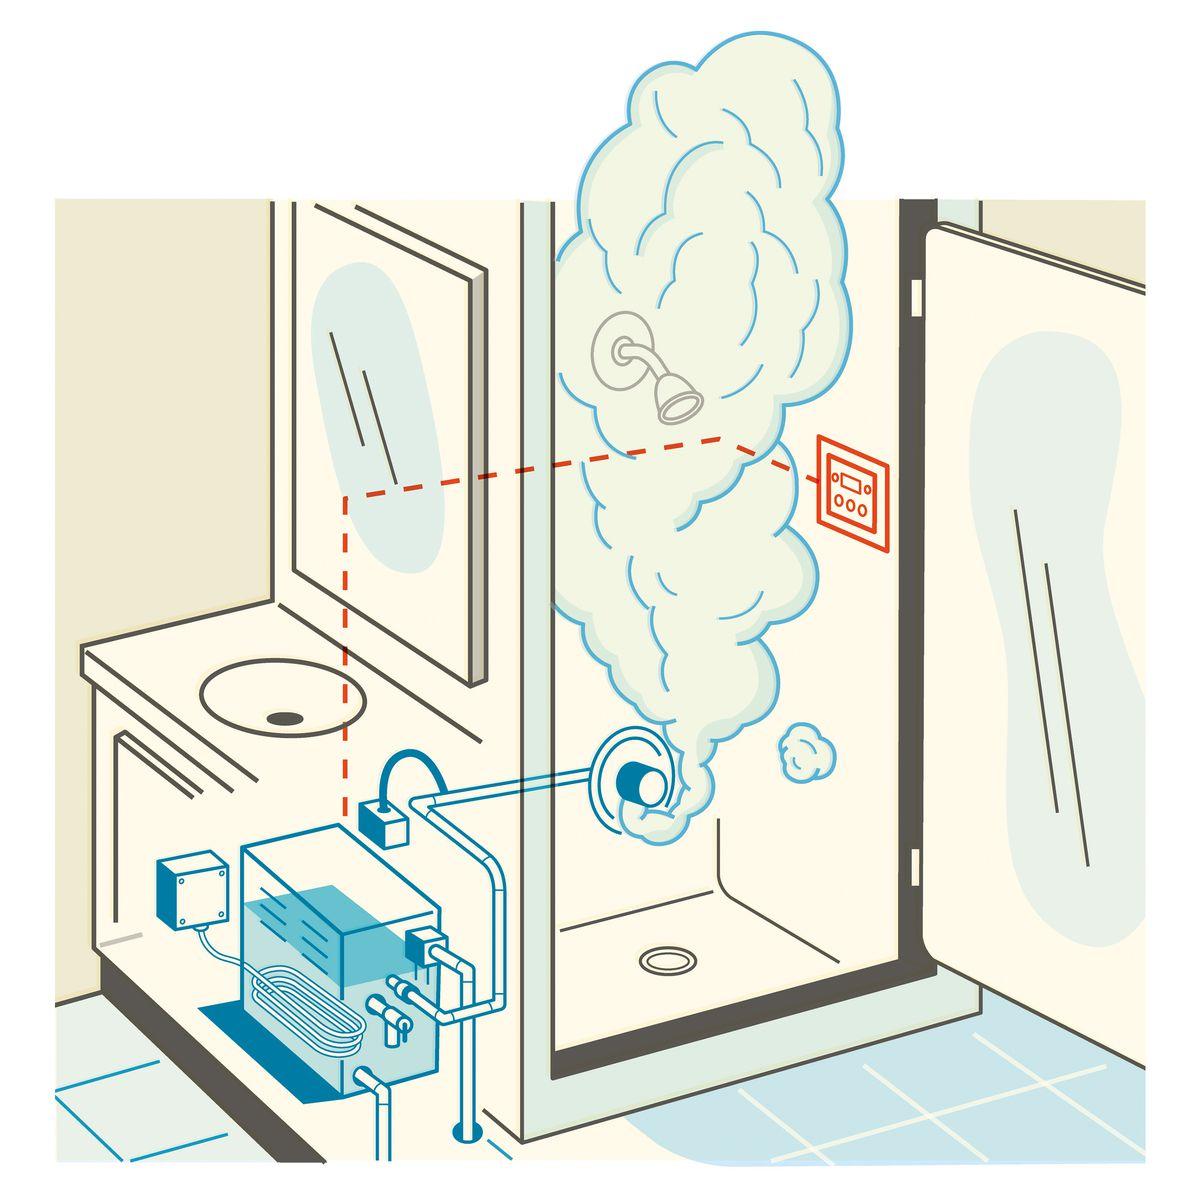 Anatomy of a Steam Shower